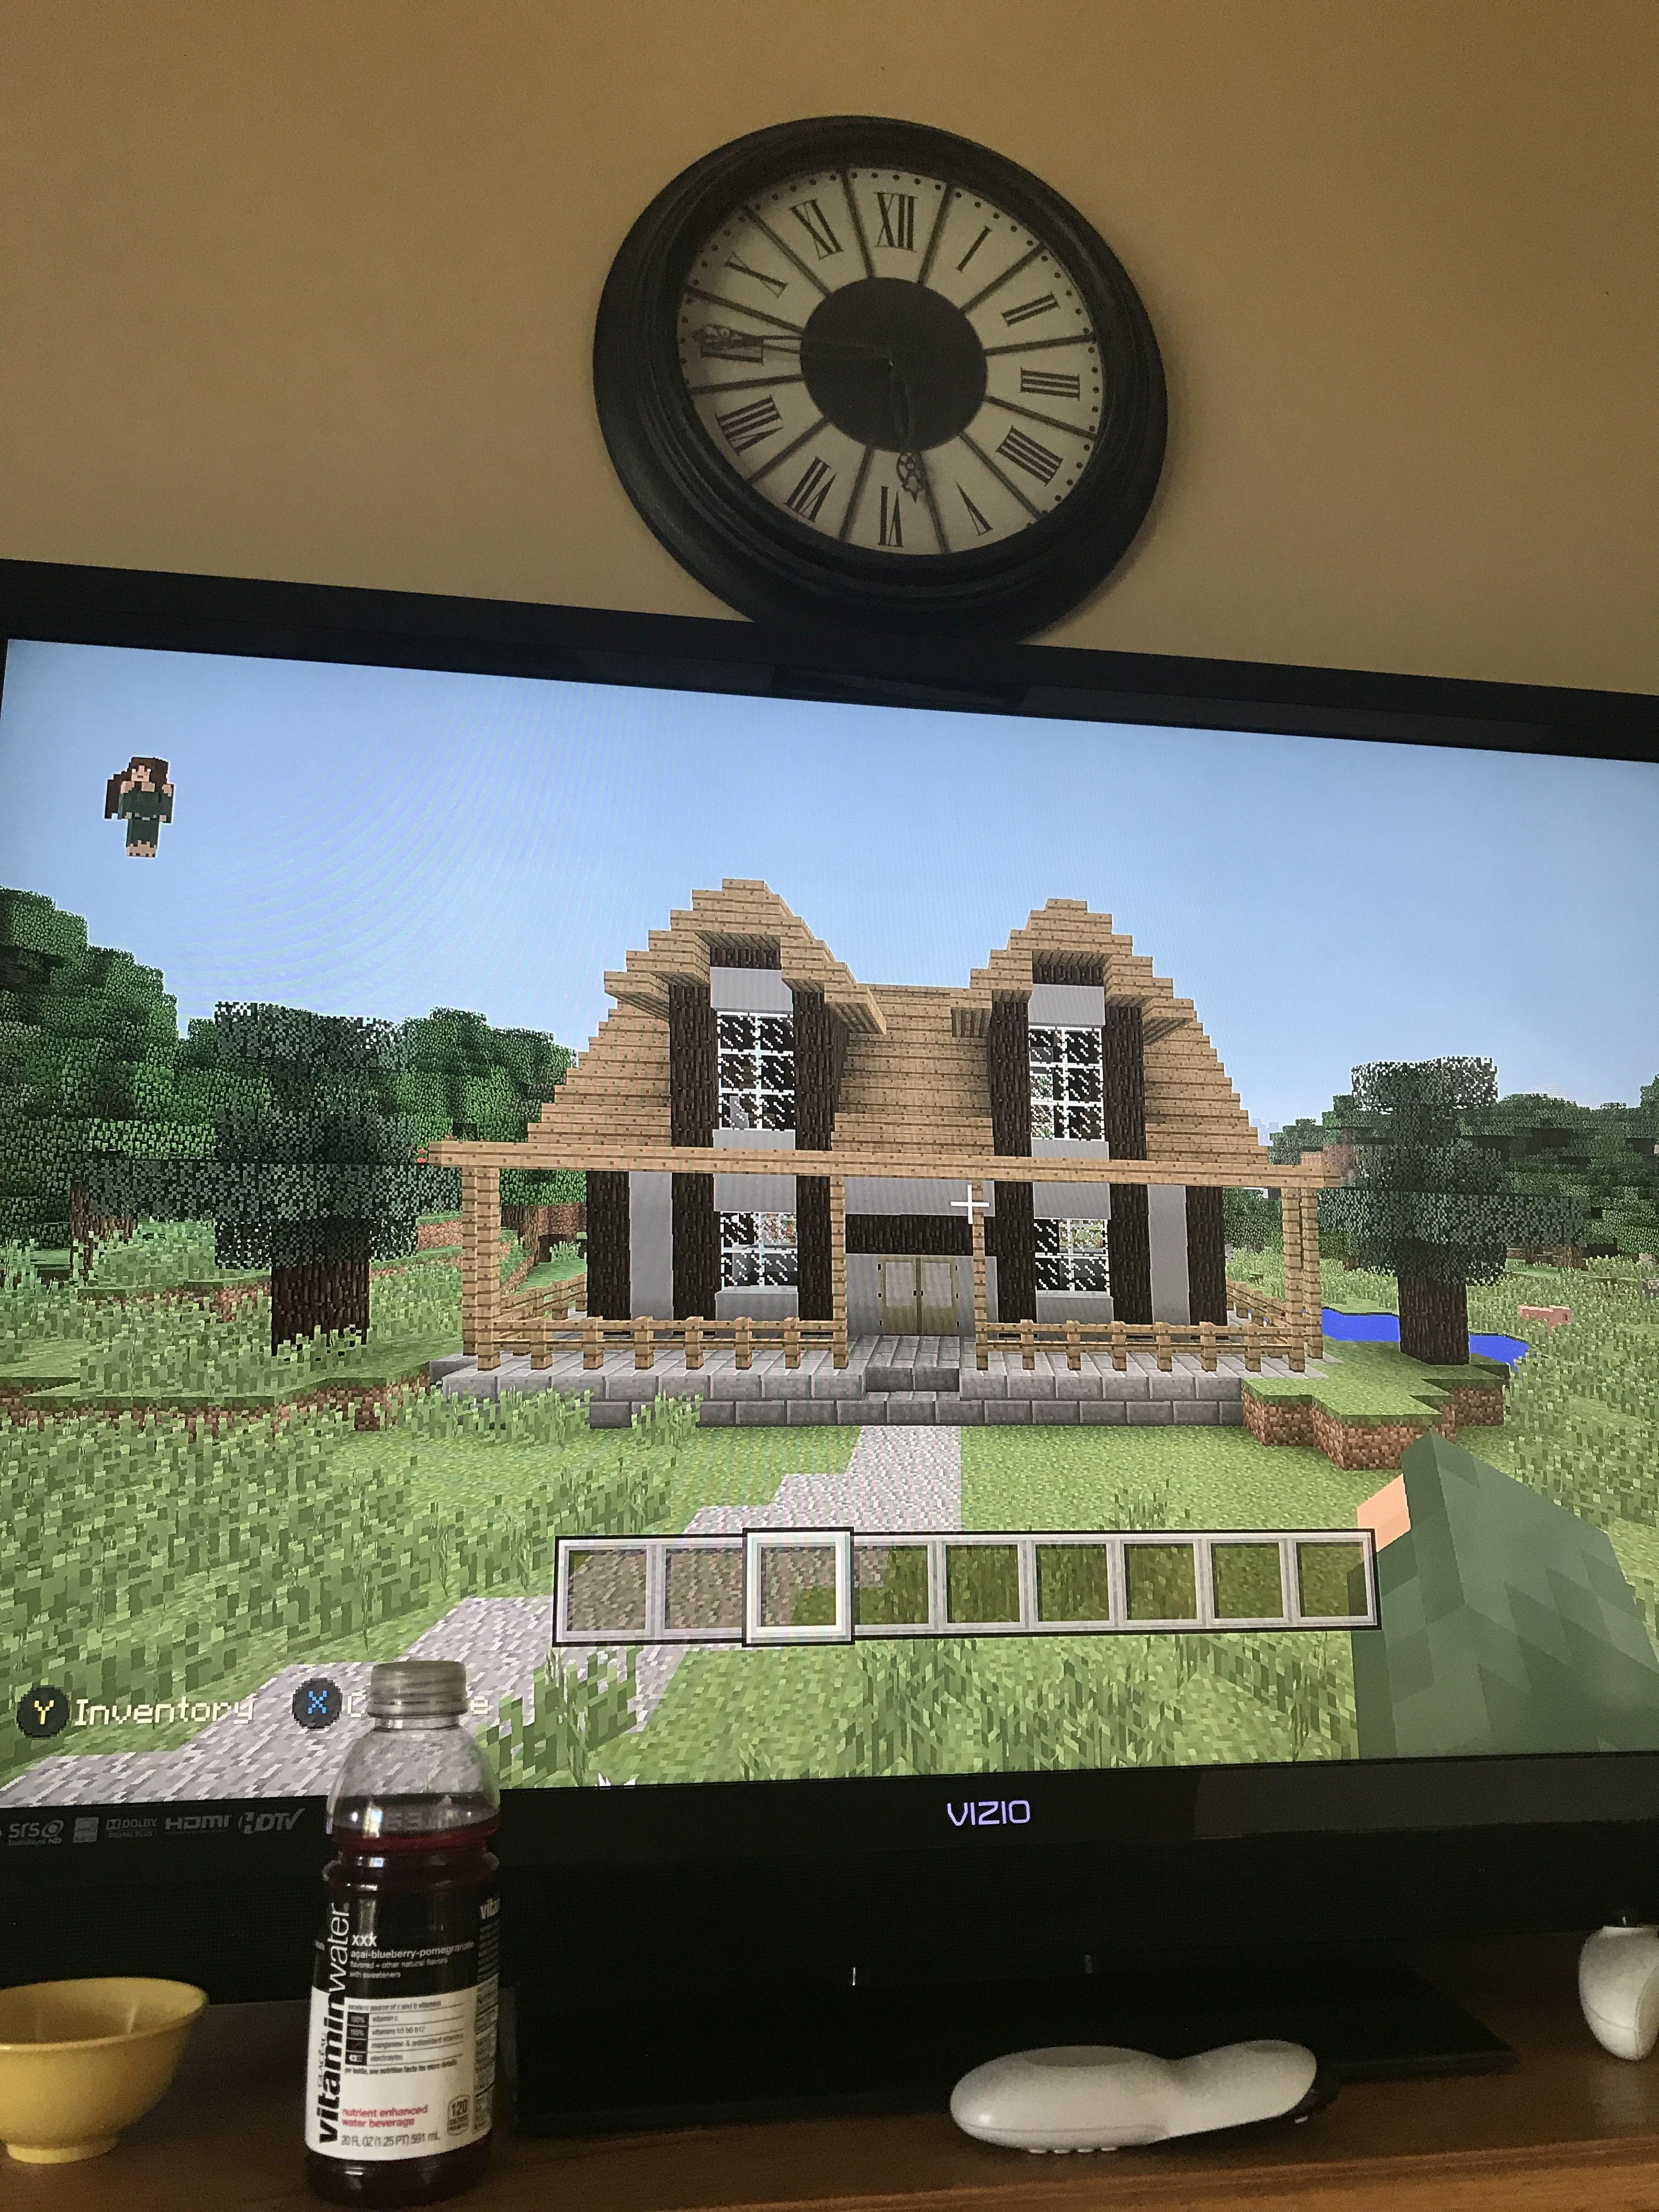 Pin by savannahsuchsk on Minecraft | Home decor, Frame ...